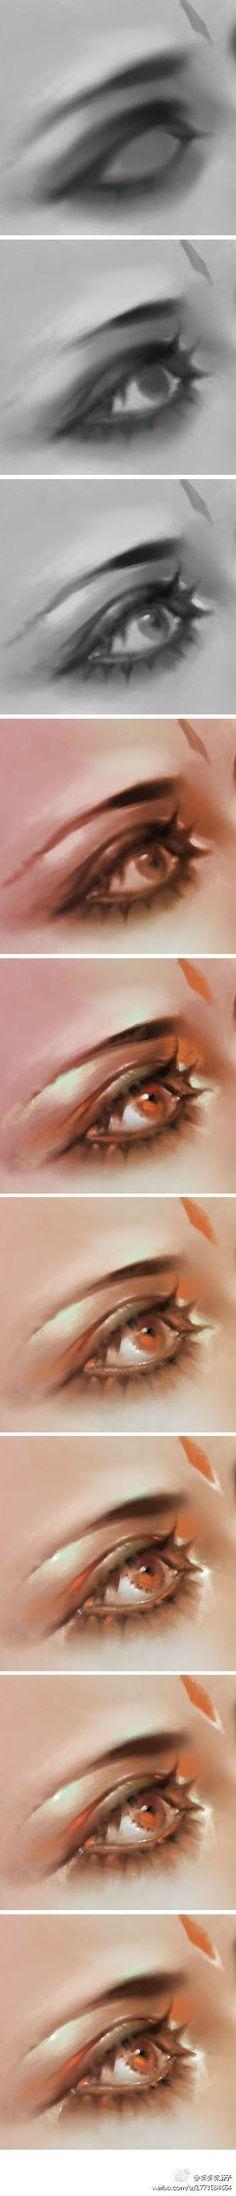 eye tuto